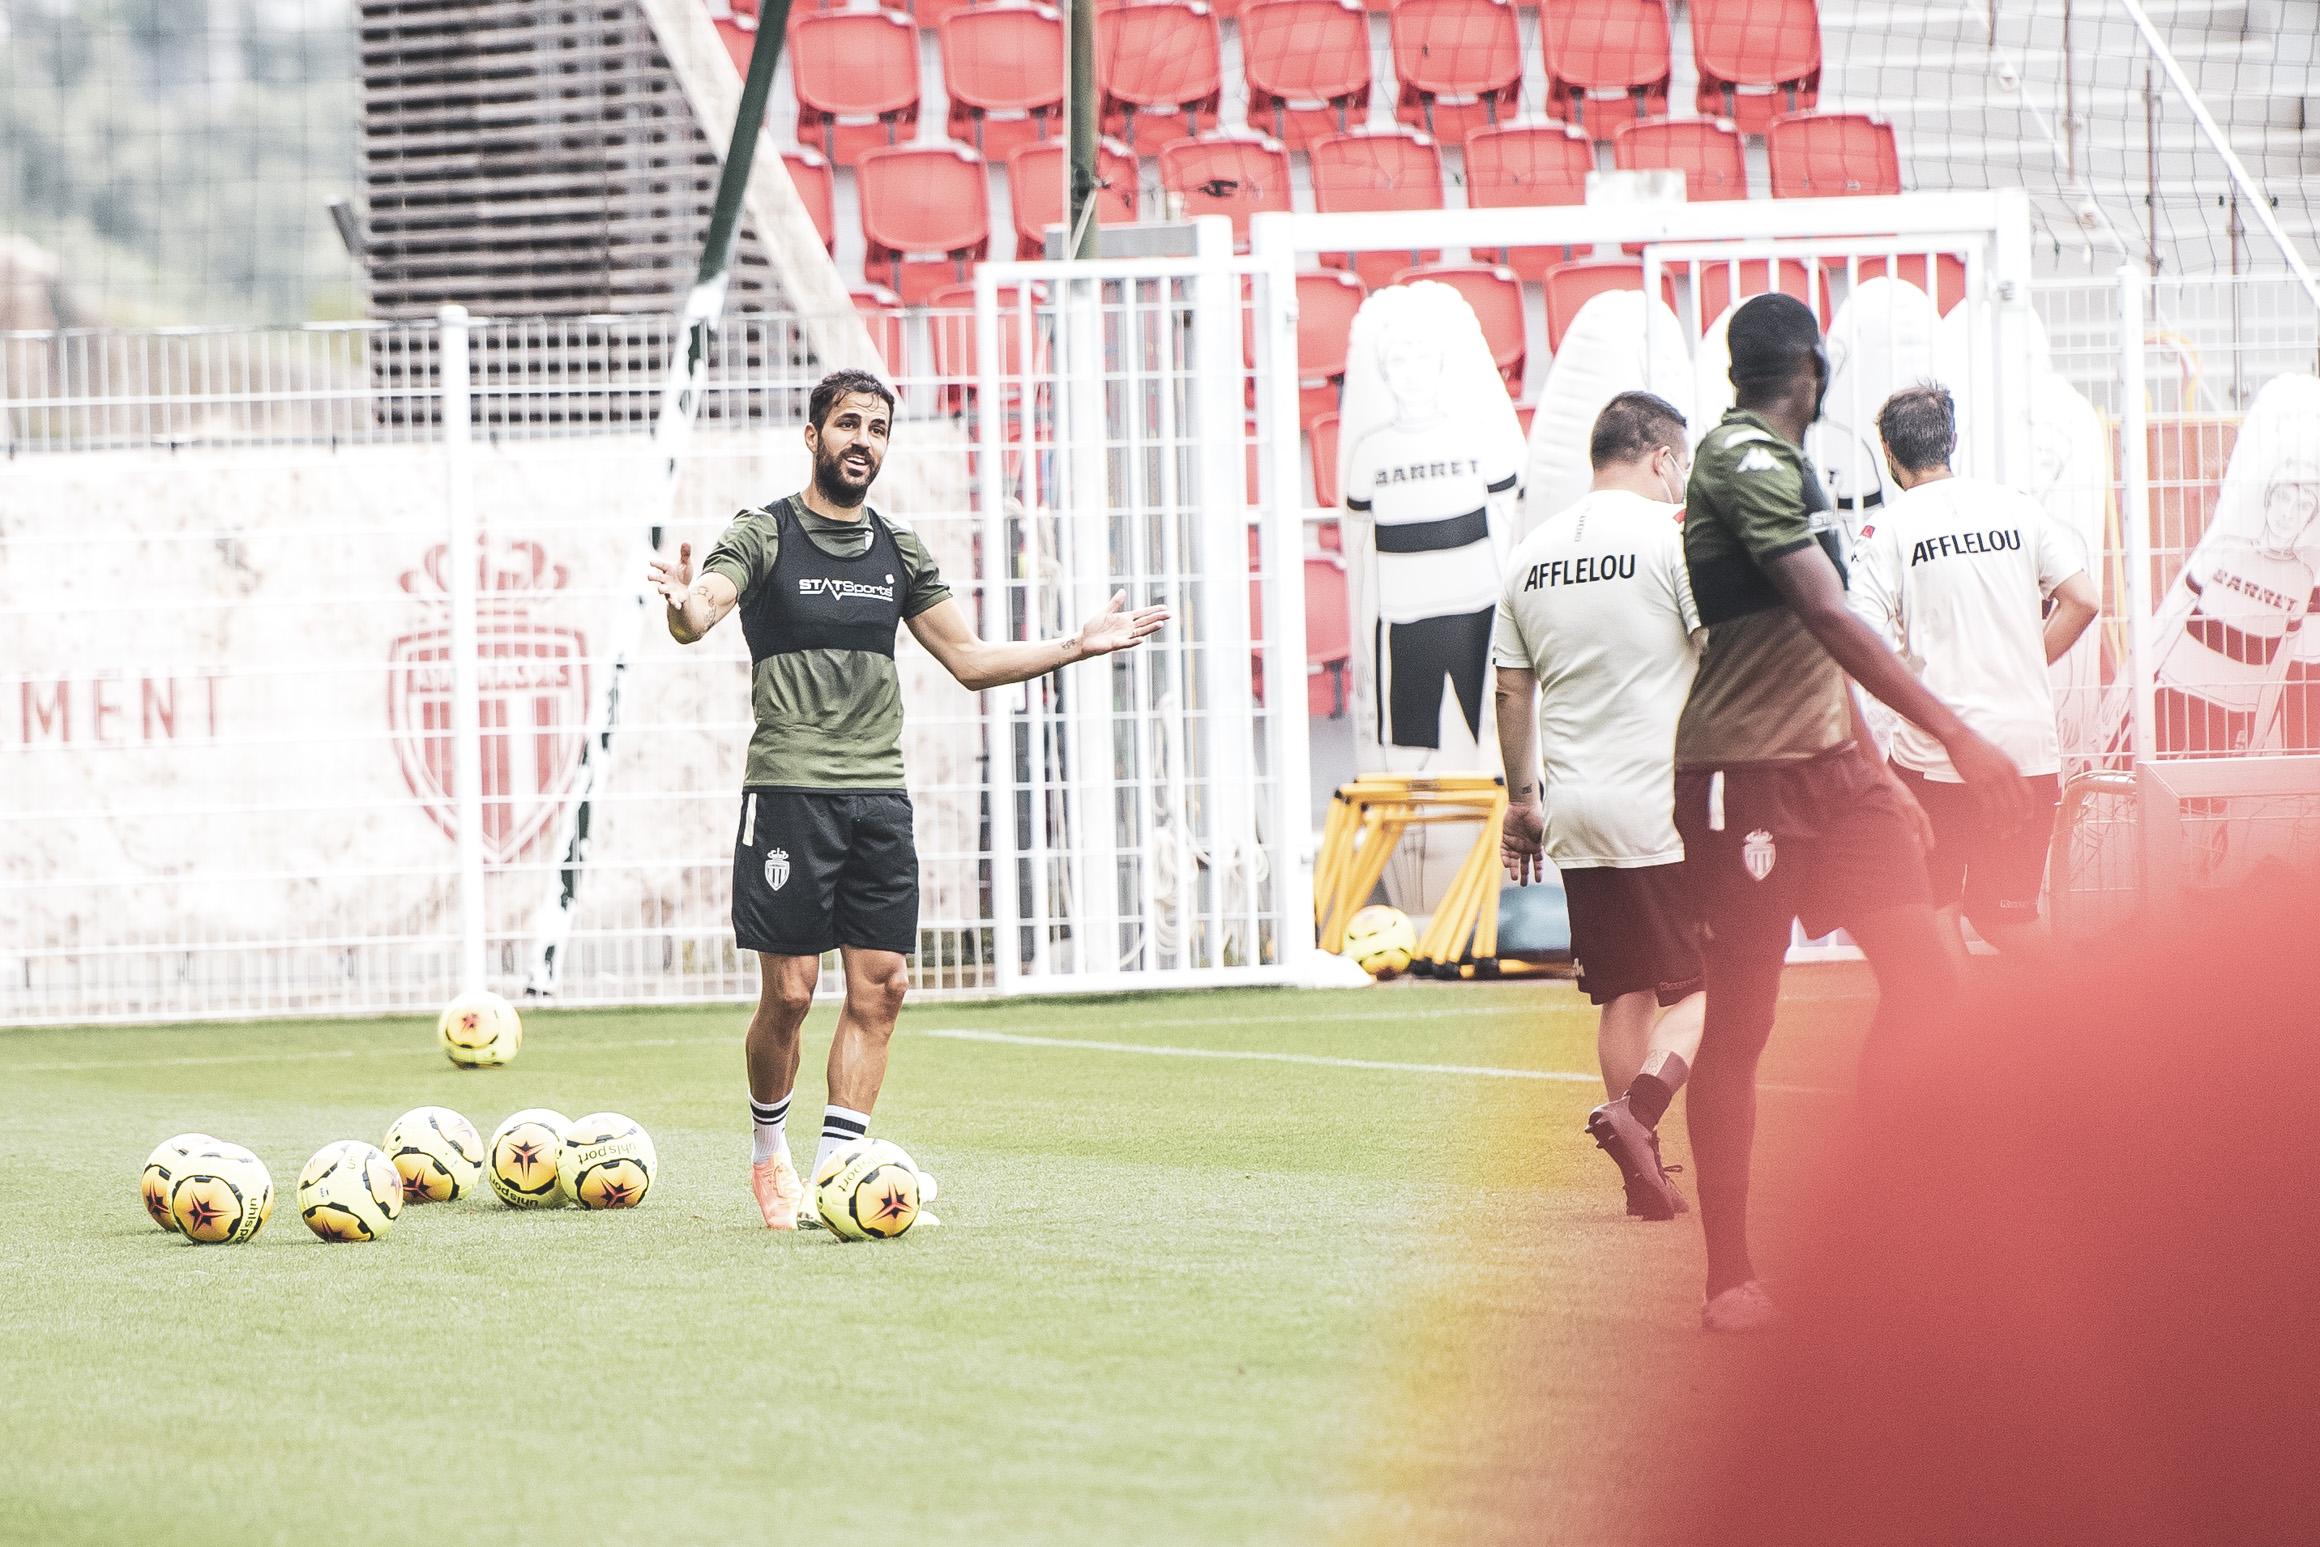 موناكو يعود للتدريبات أكثر قوة وحماس استعداد للدوري الفرنسي (10)